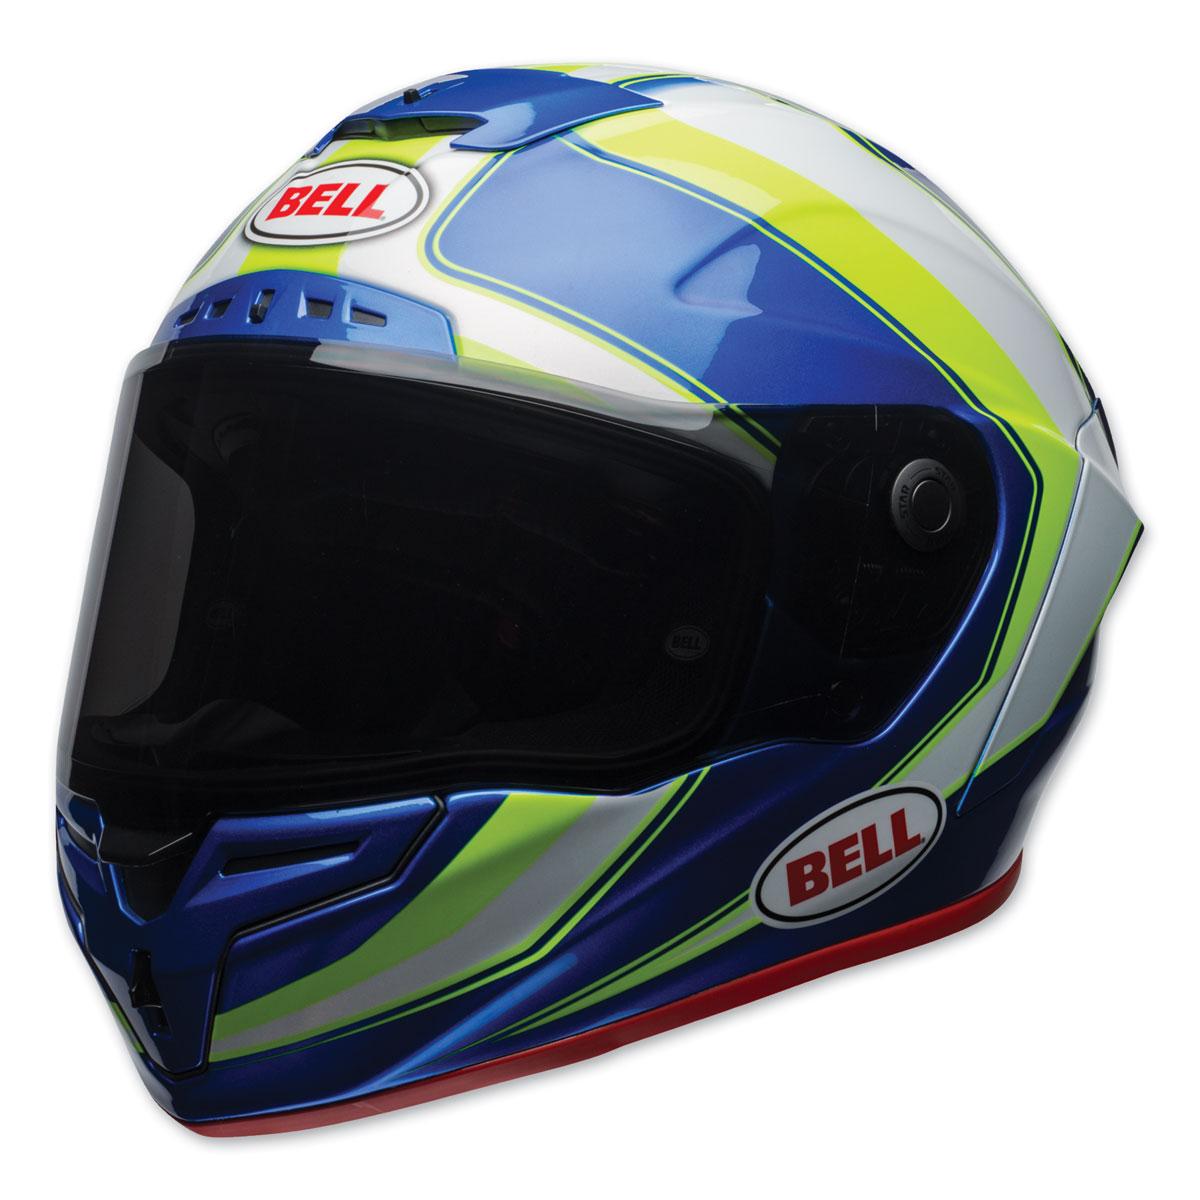 Bell Race Star Sector Blue/Hi-Viz Full Face Helmet